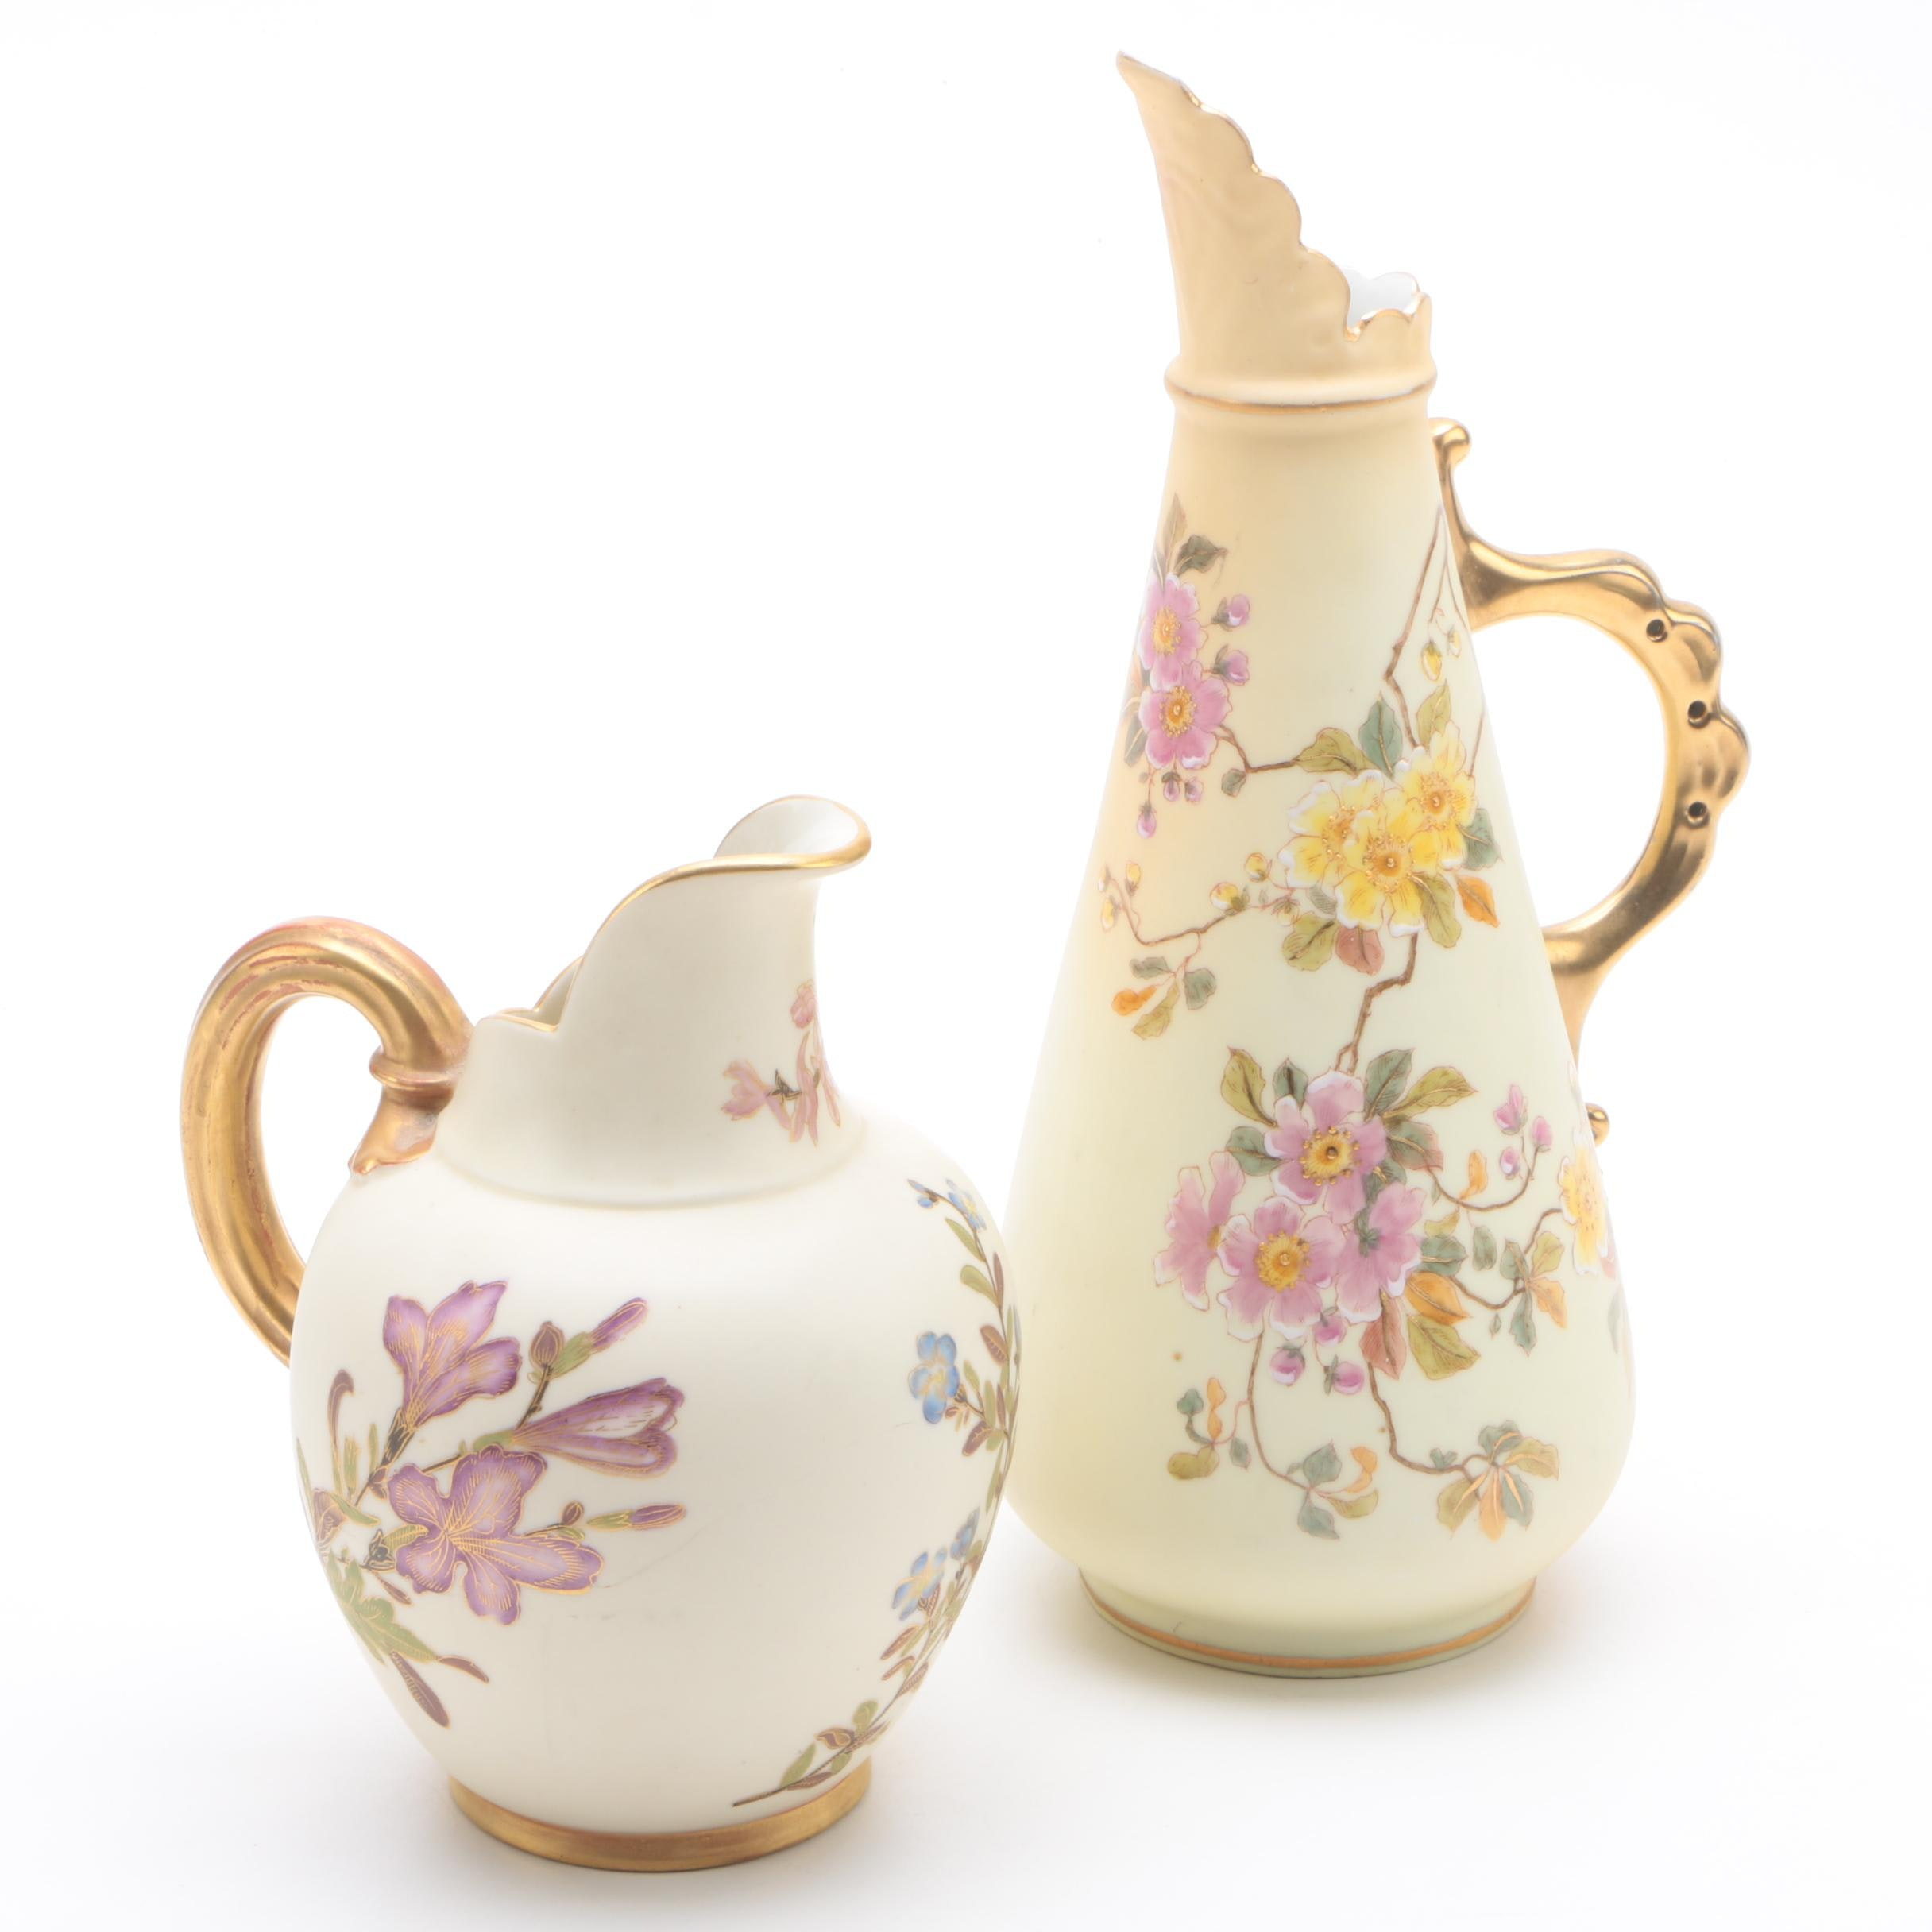 Antique Royal Worcester with Vintage Rudolstadt Porcelain Pitchers